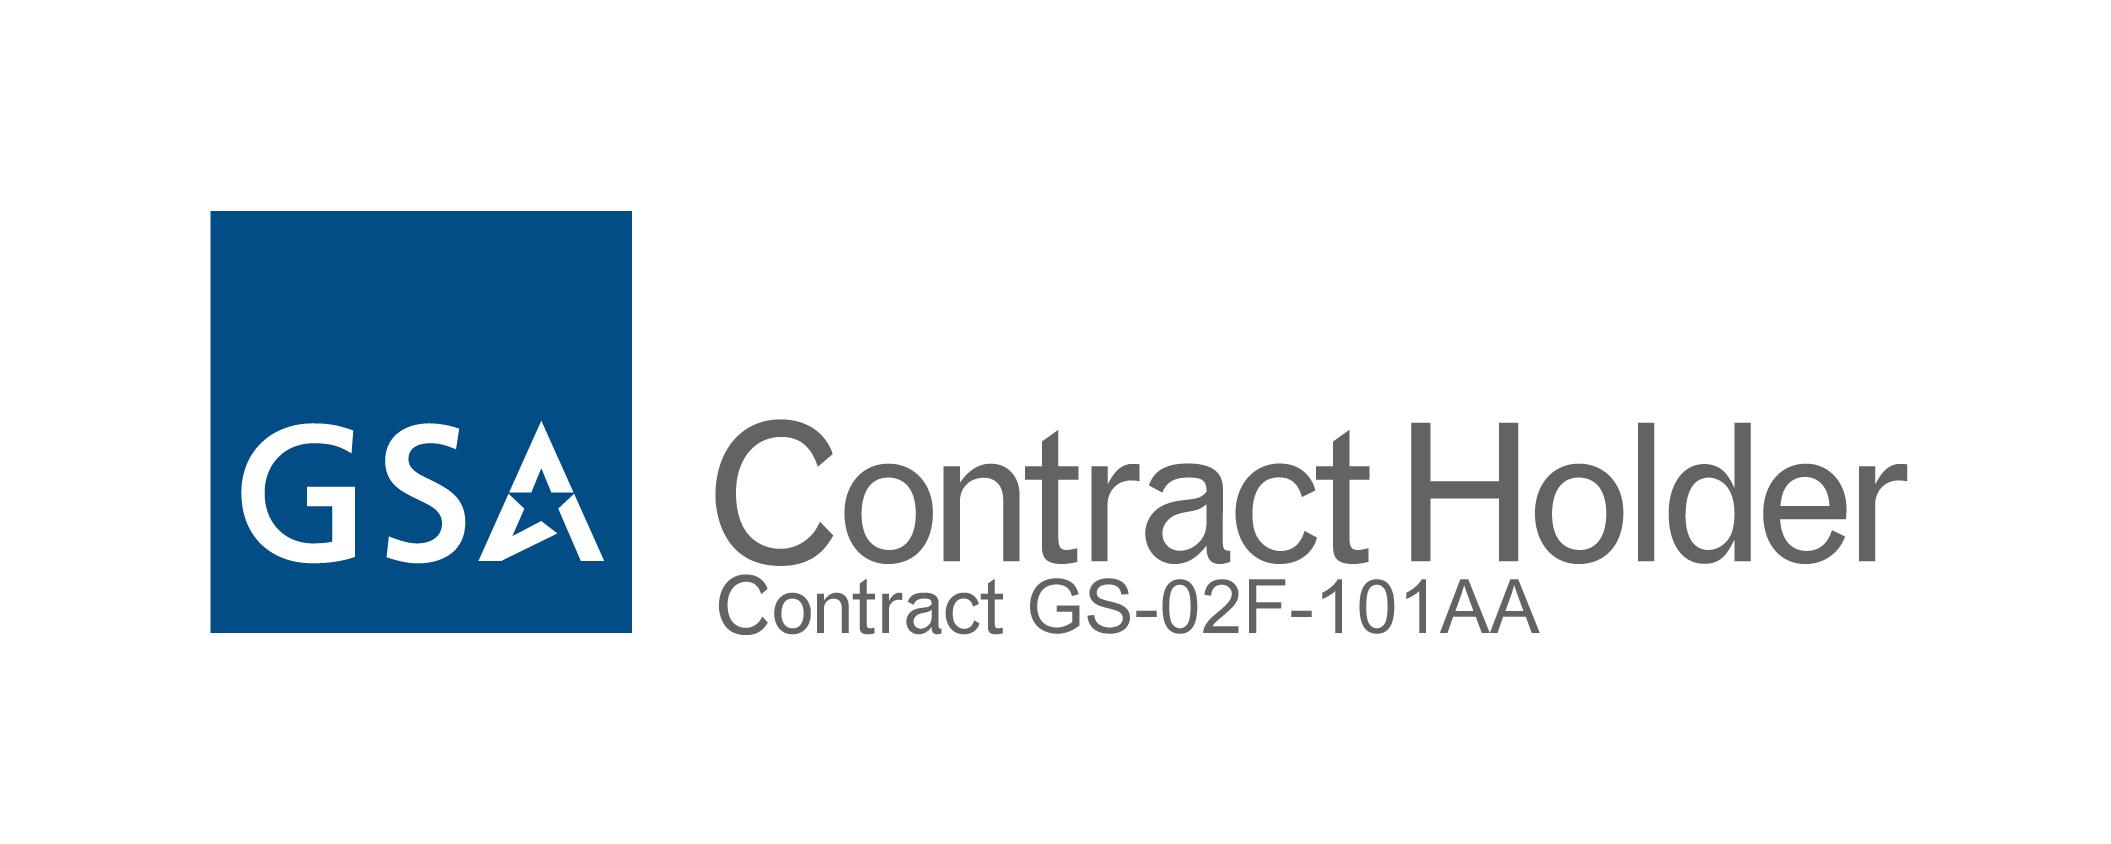 GSA, Government Consulting, Government consulting services, gsa